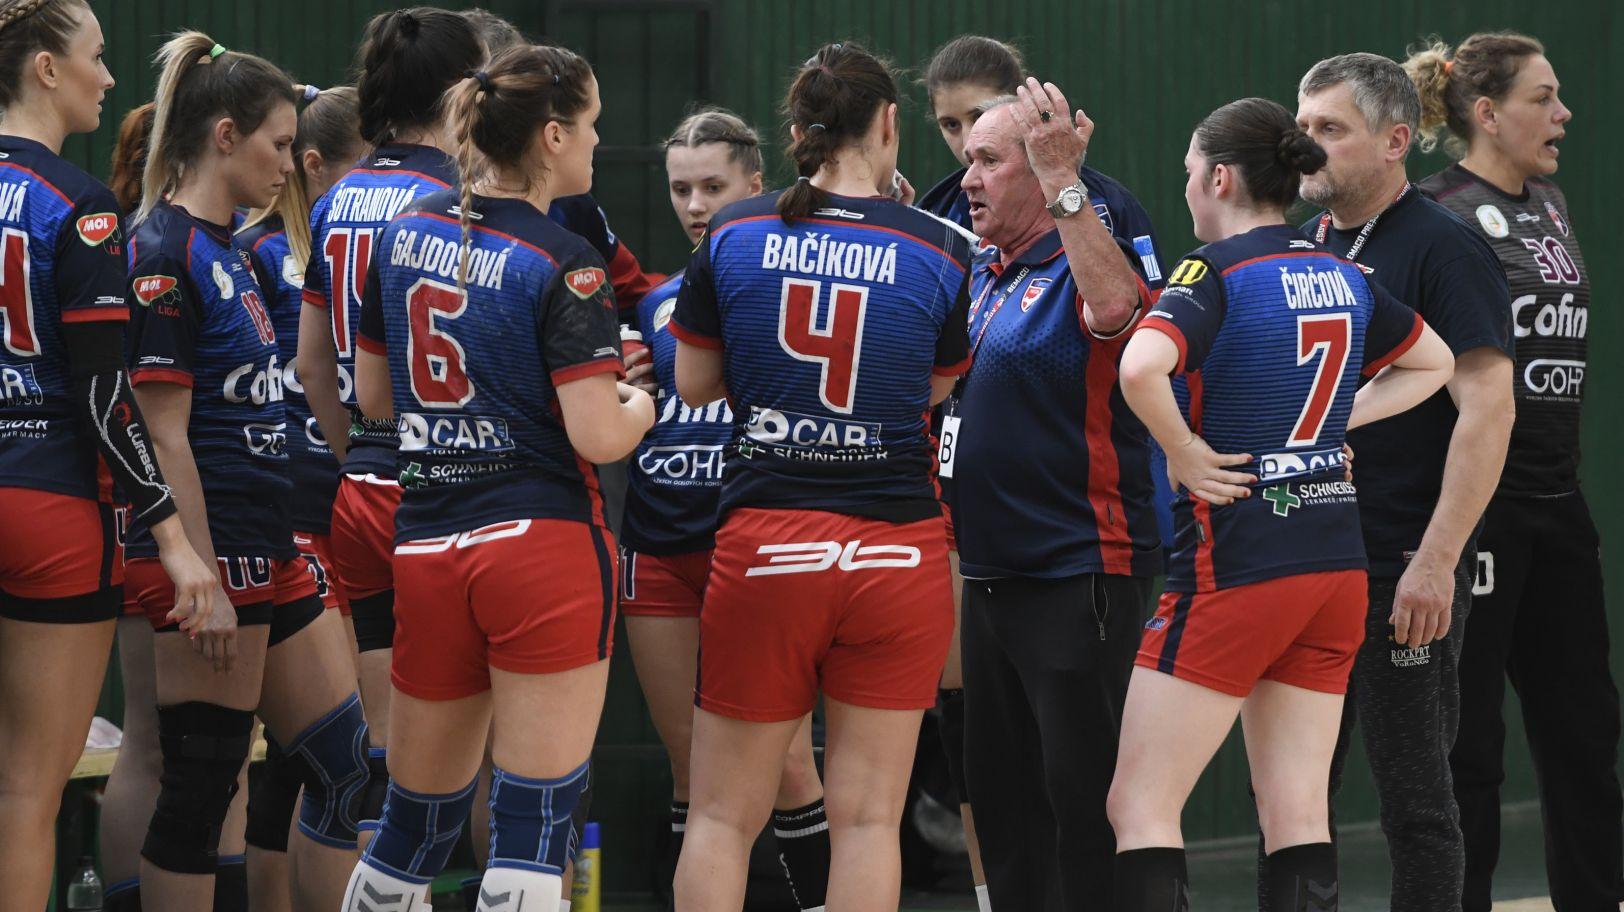 MOL liga: Slovenské tímy v nedeľu bez úspechu, prvá výhra nováčika